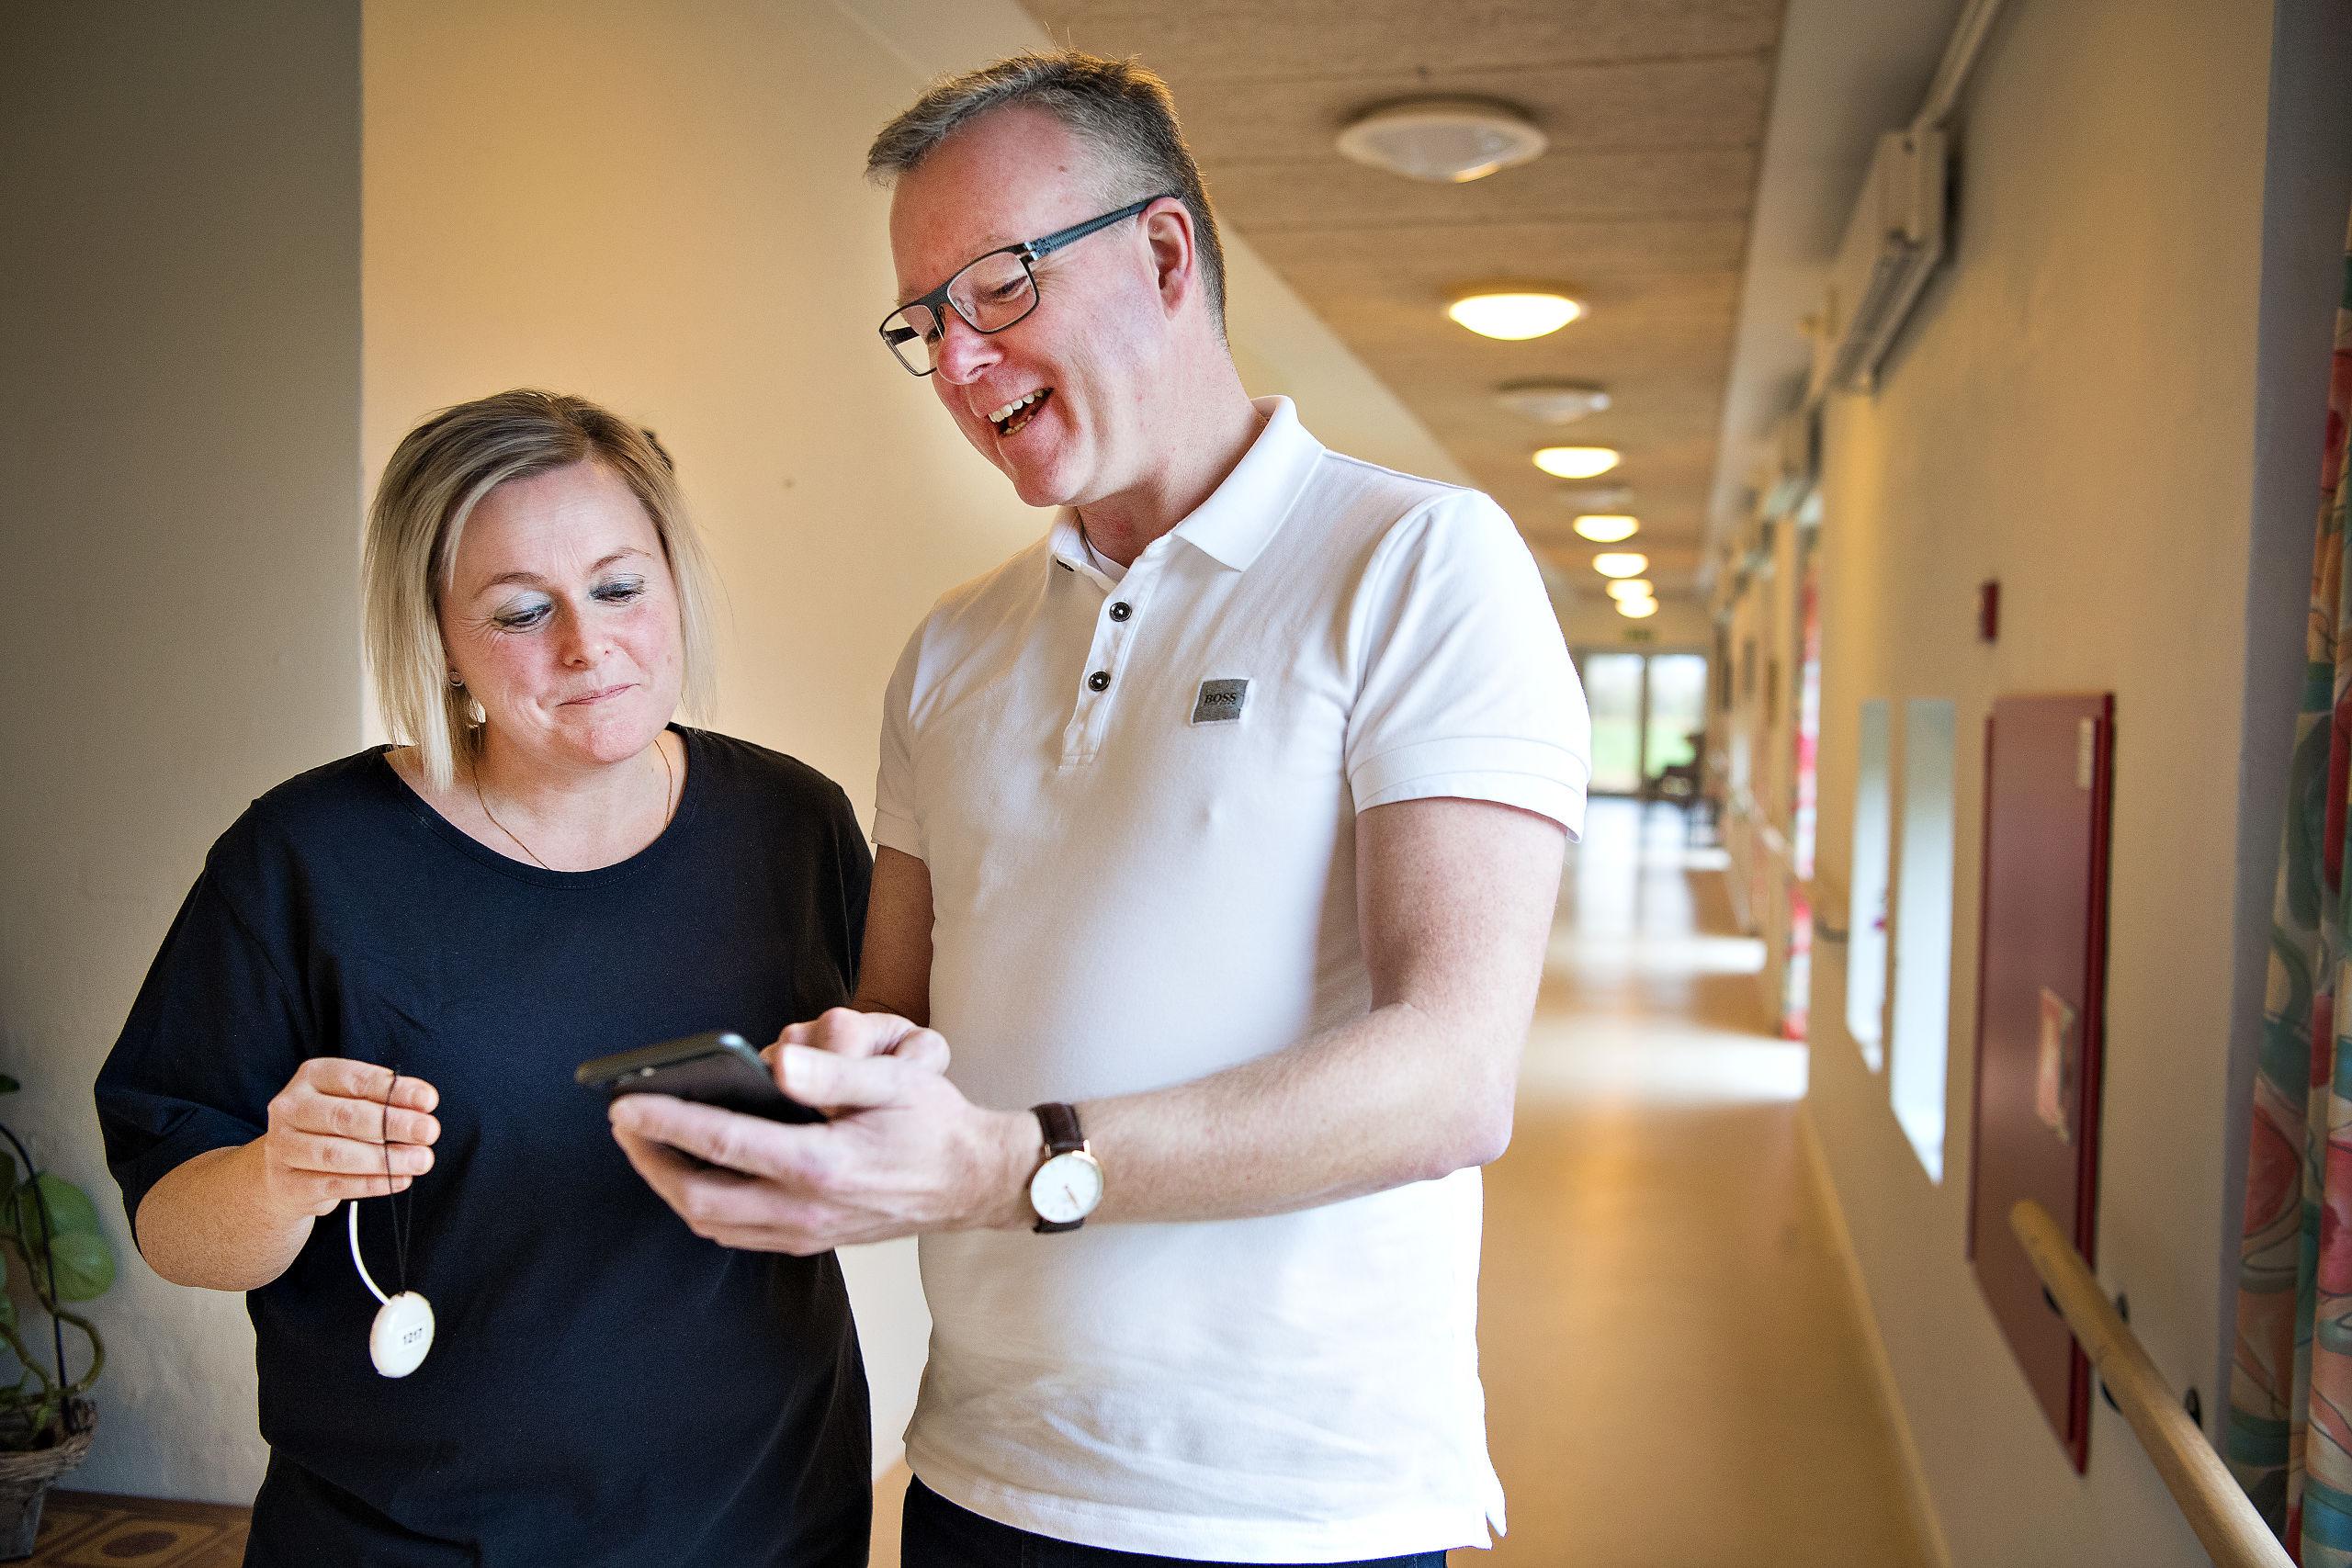 Aalborg-virksomhed får demente hjem igen: Hjælper på plejepersonalets værste frygt